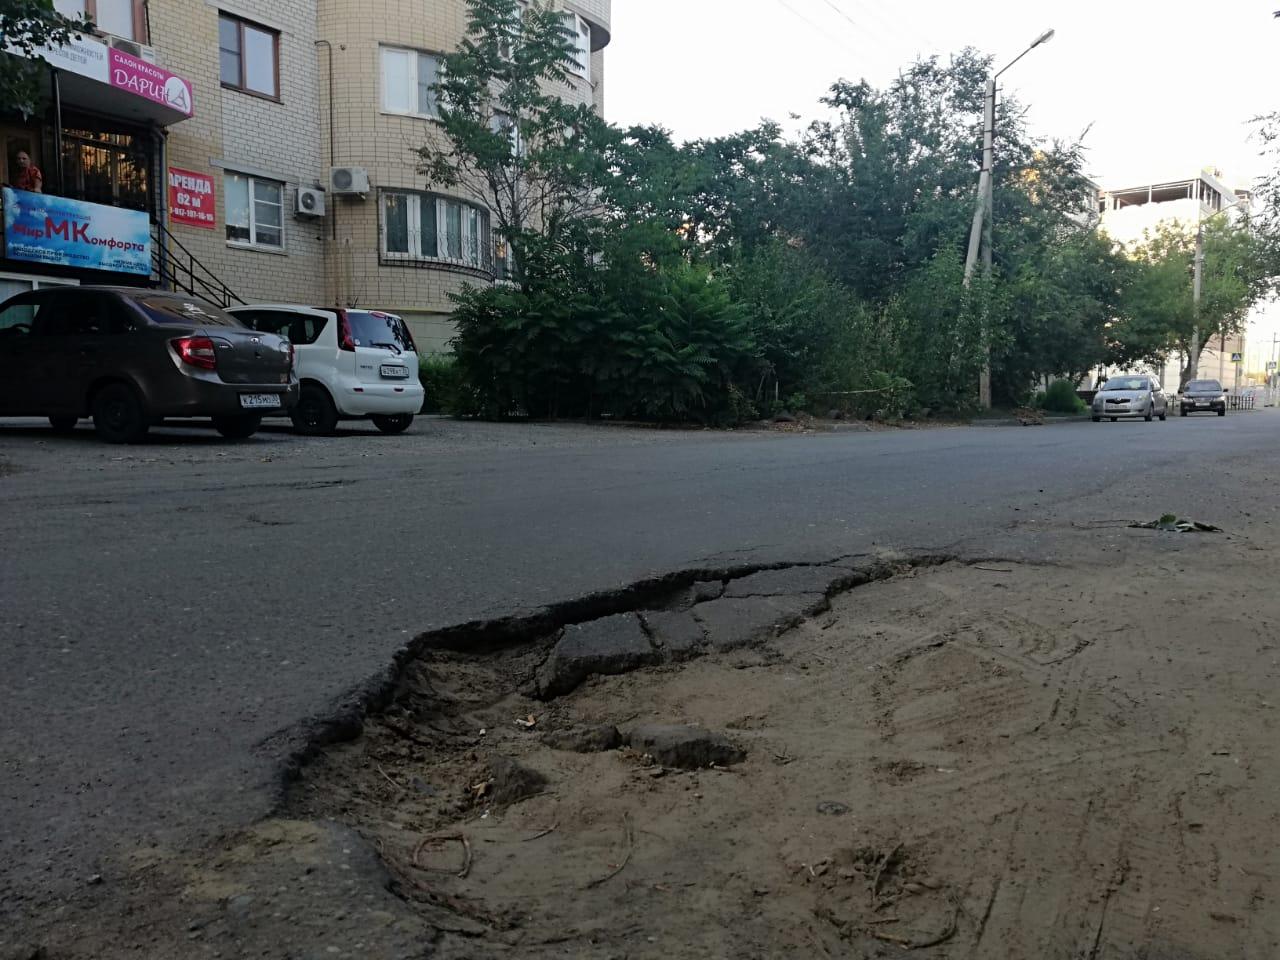 провал на ул. Ахшарумова в Астрахани 2